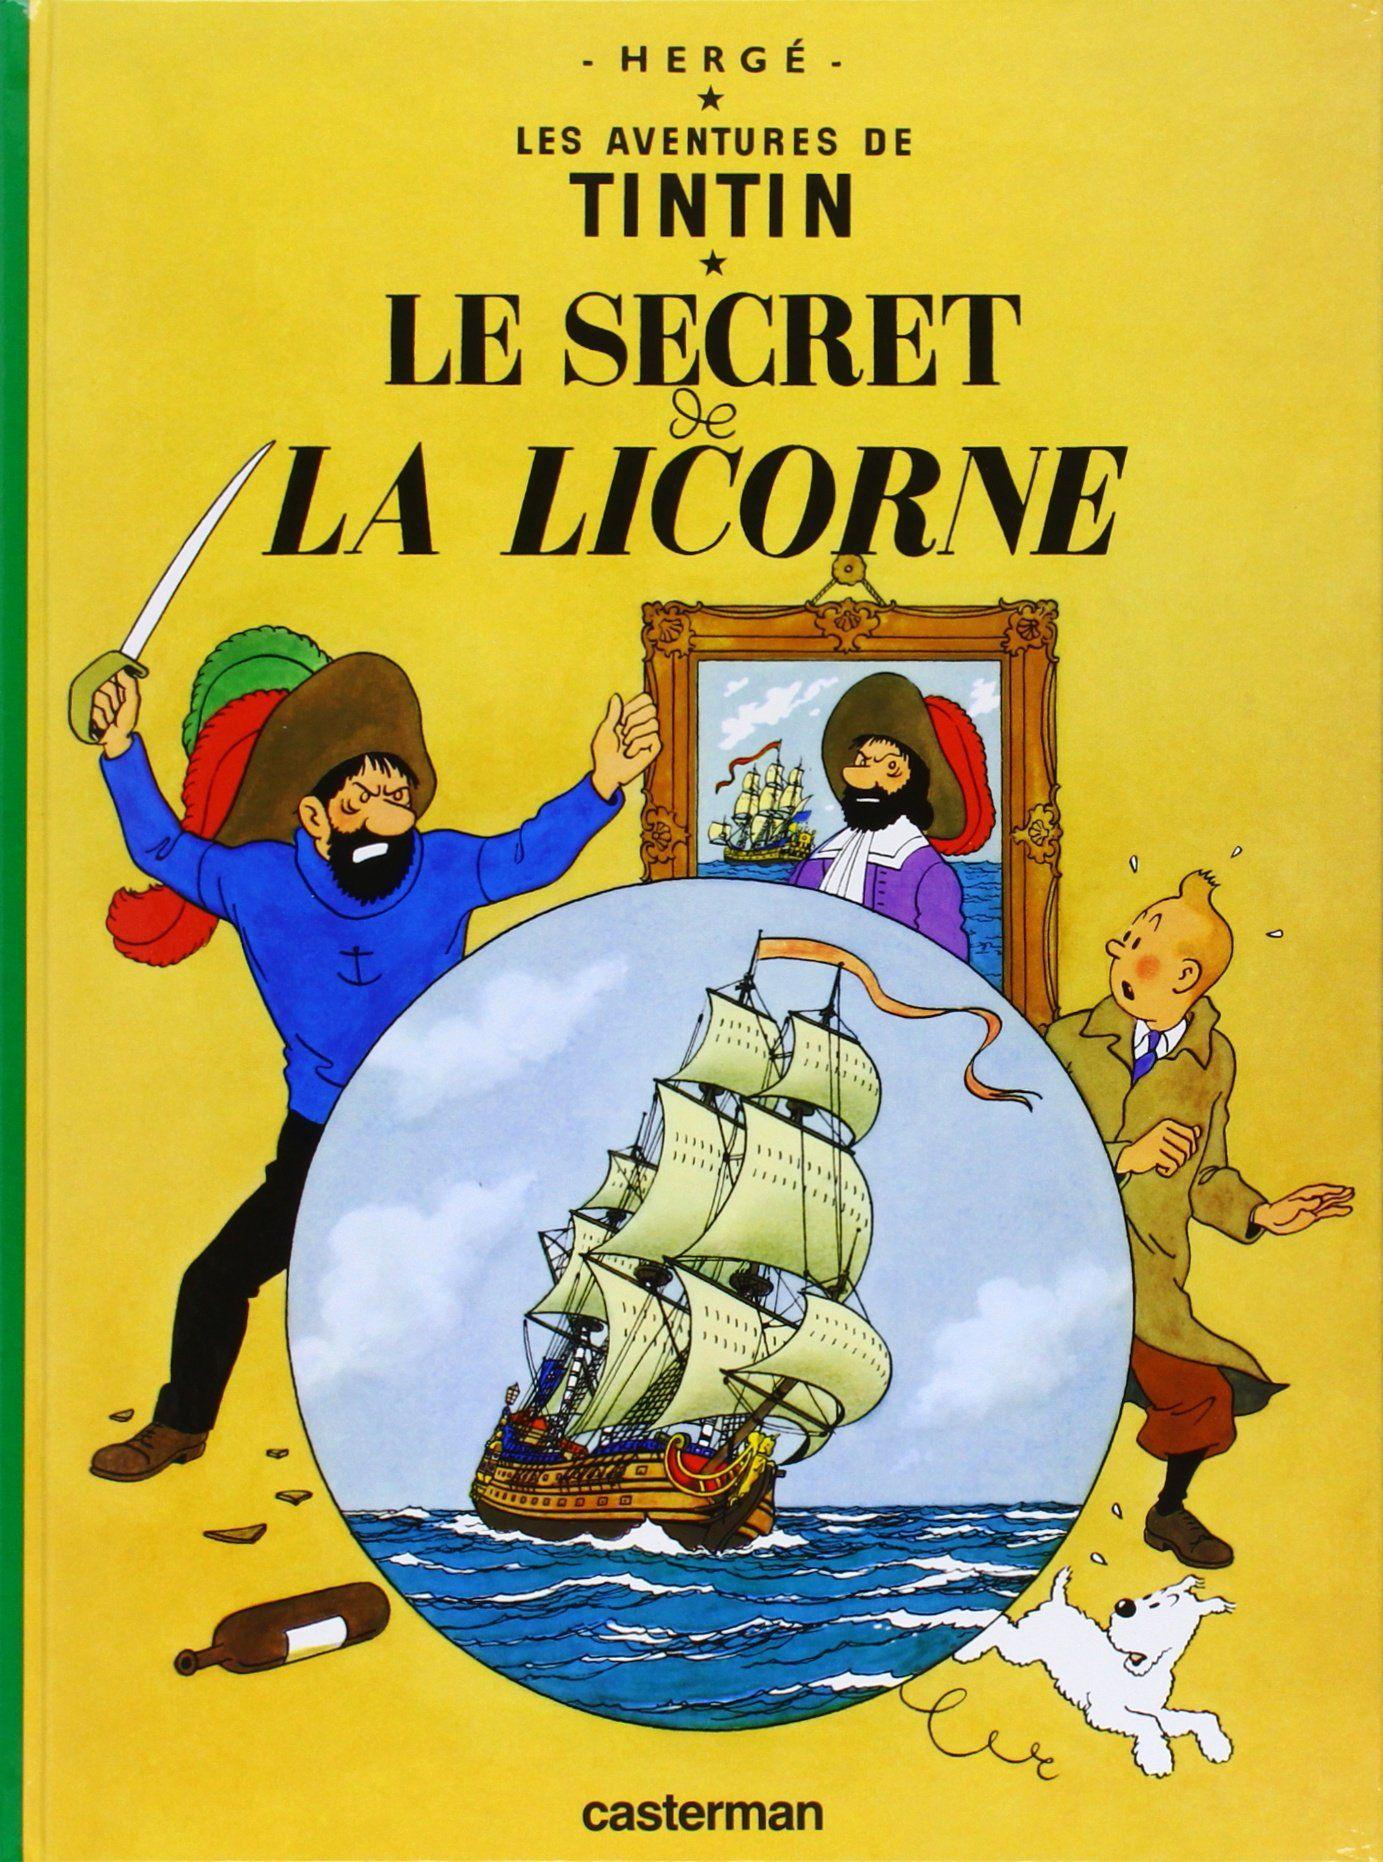 Le Secret De La Licorne De Herge Casterman 1943 Reedition 2007 Telechargement Tintin Herge